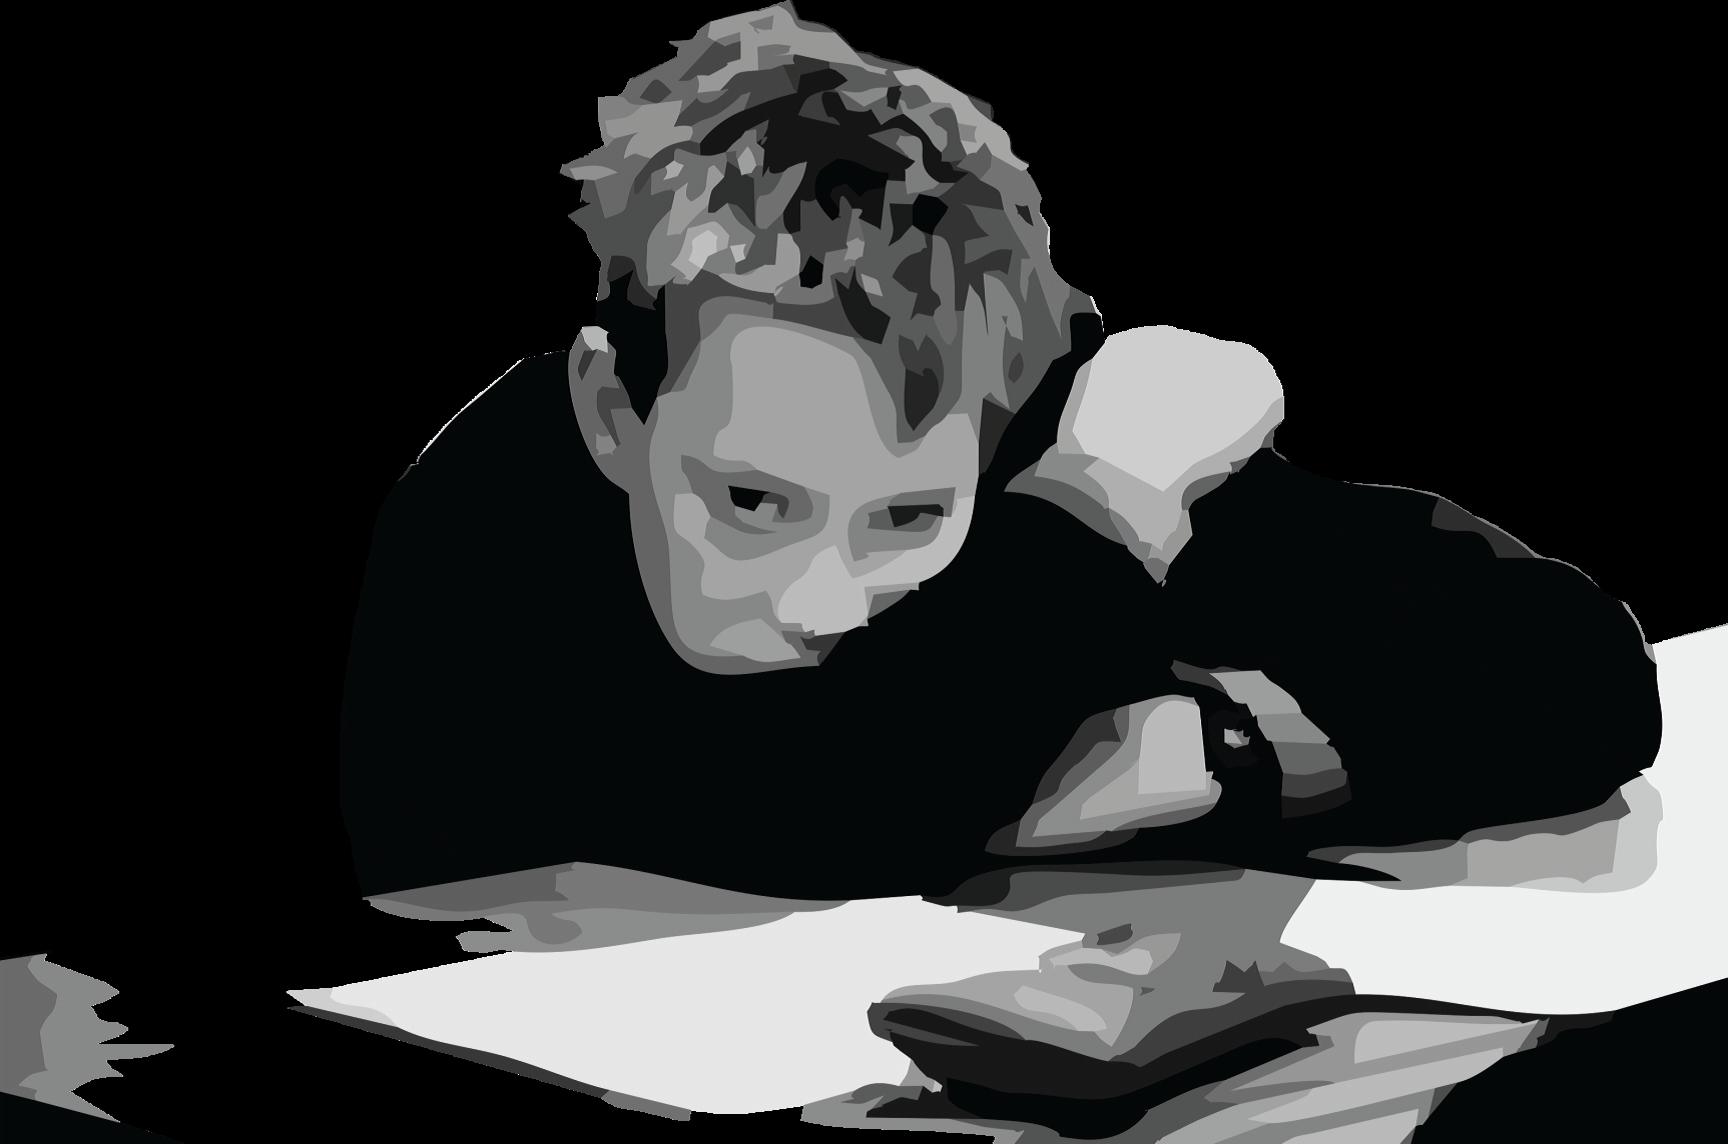 sitting boy bored with school work